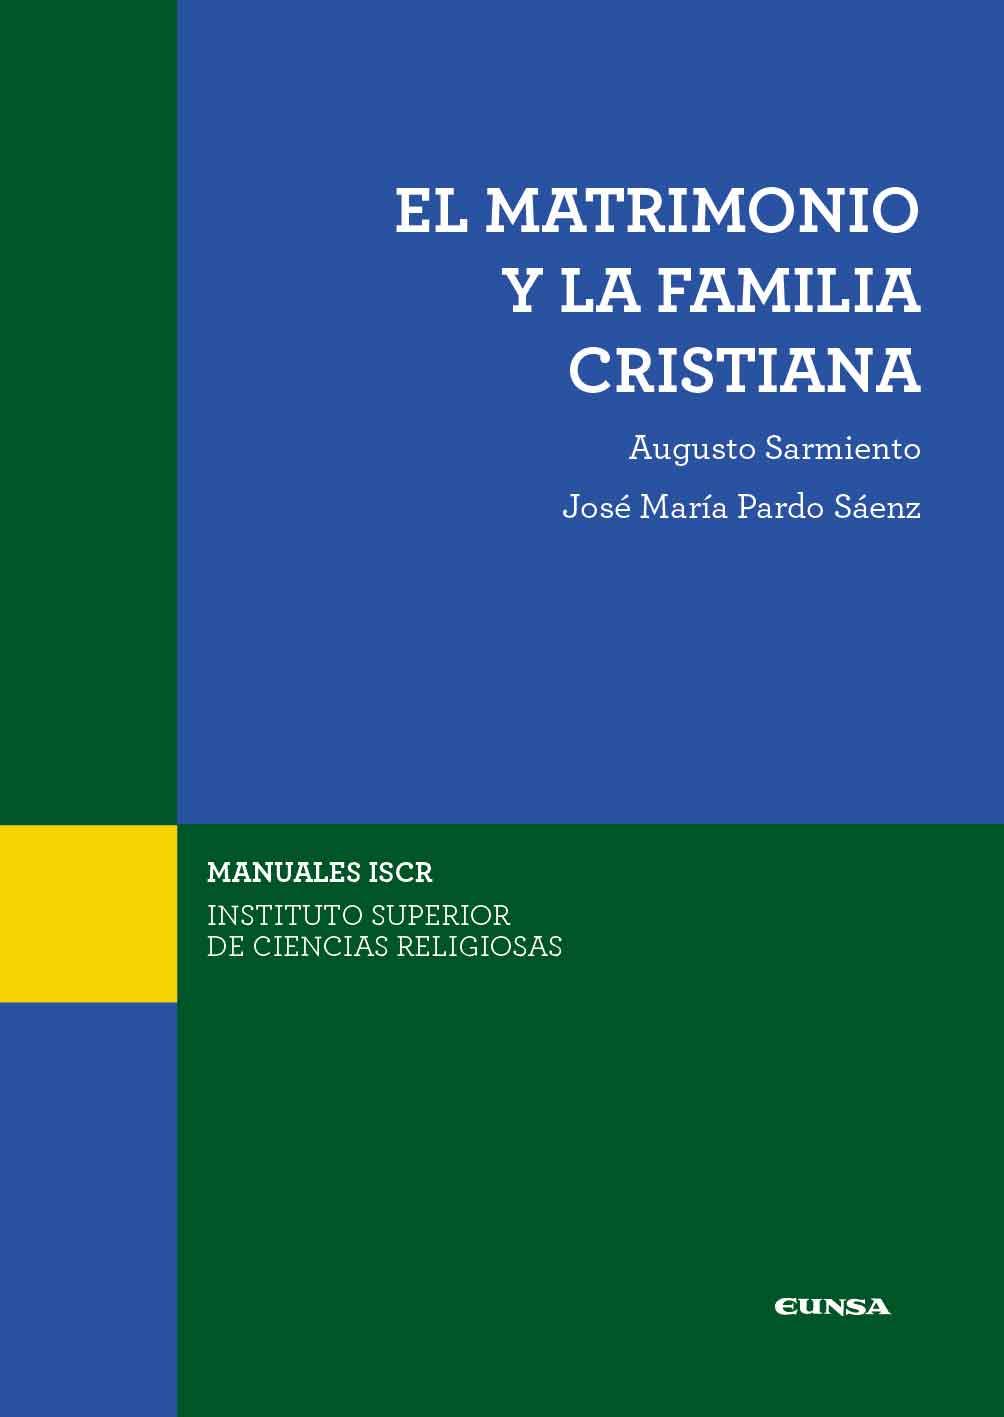 El matrimonio y la familia cristiana   «Cuestiones fundamentales»